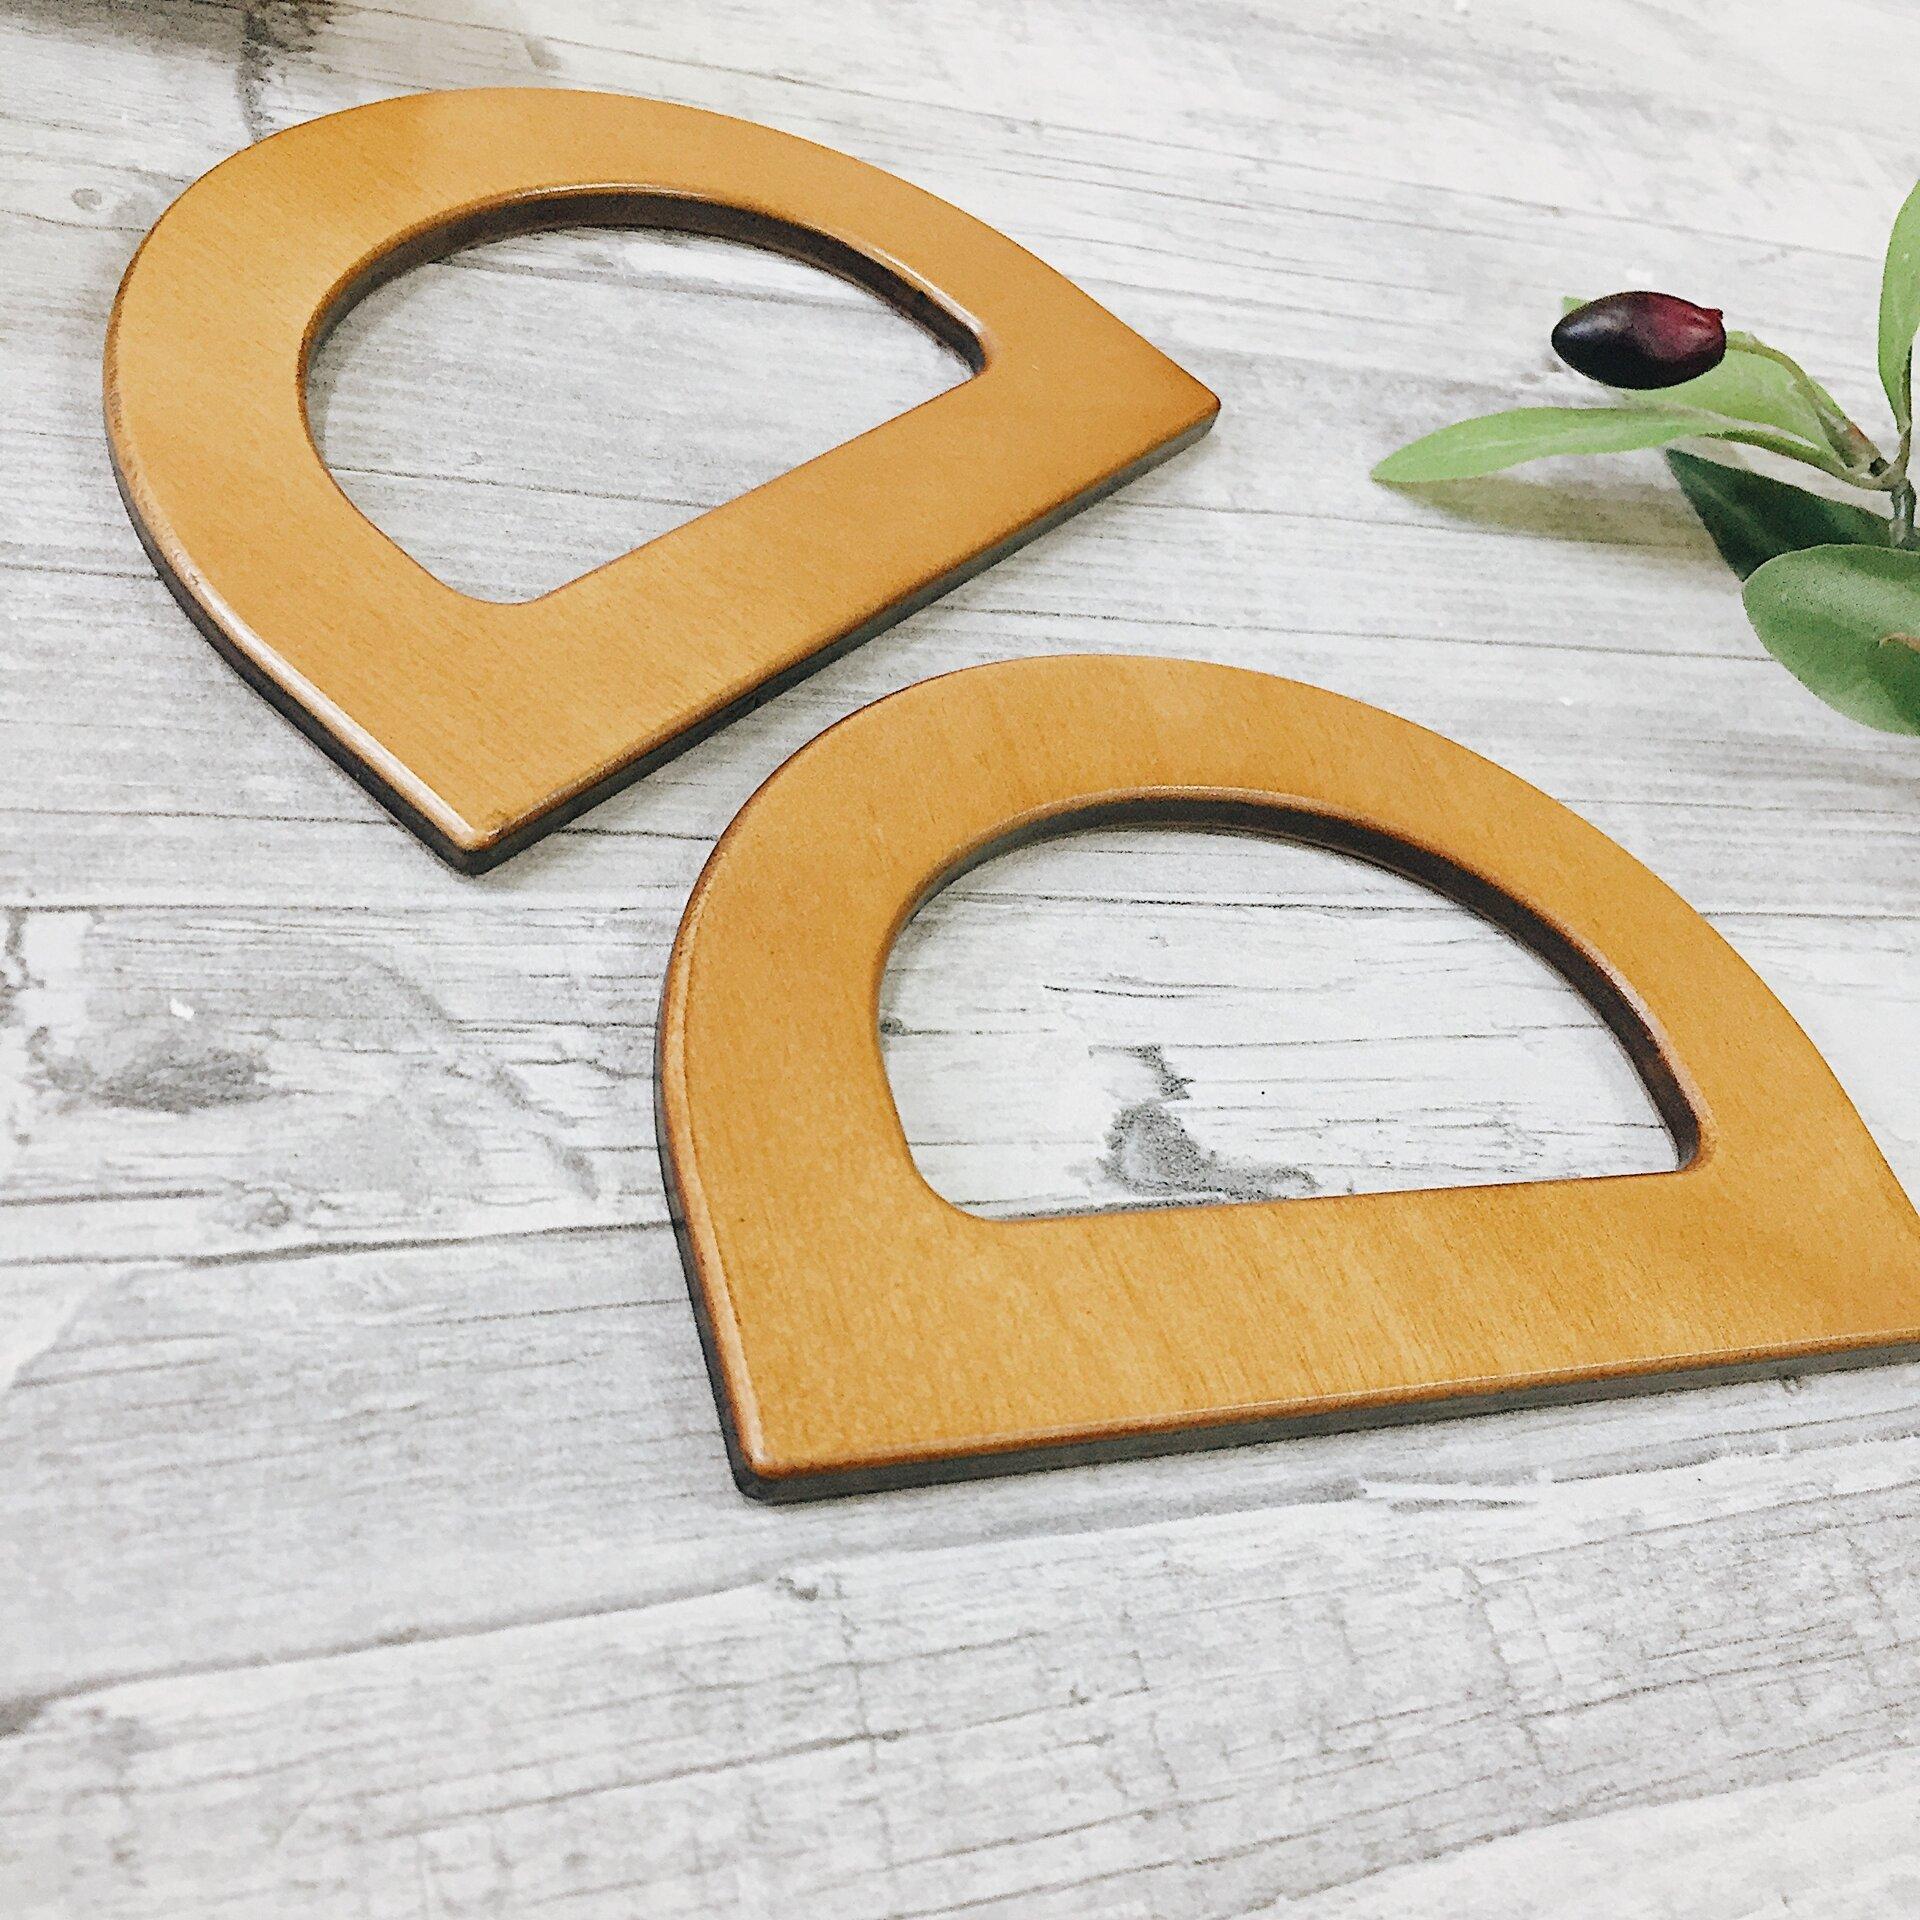 Деревянные ручки для вязаных сумок, полукруг без отверстия, дуб - фото pic_327606559001cc221684b6a33c526c60_1920x9000_1.jpg